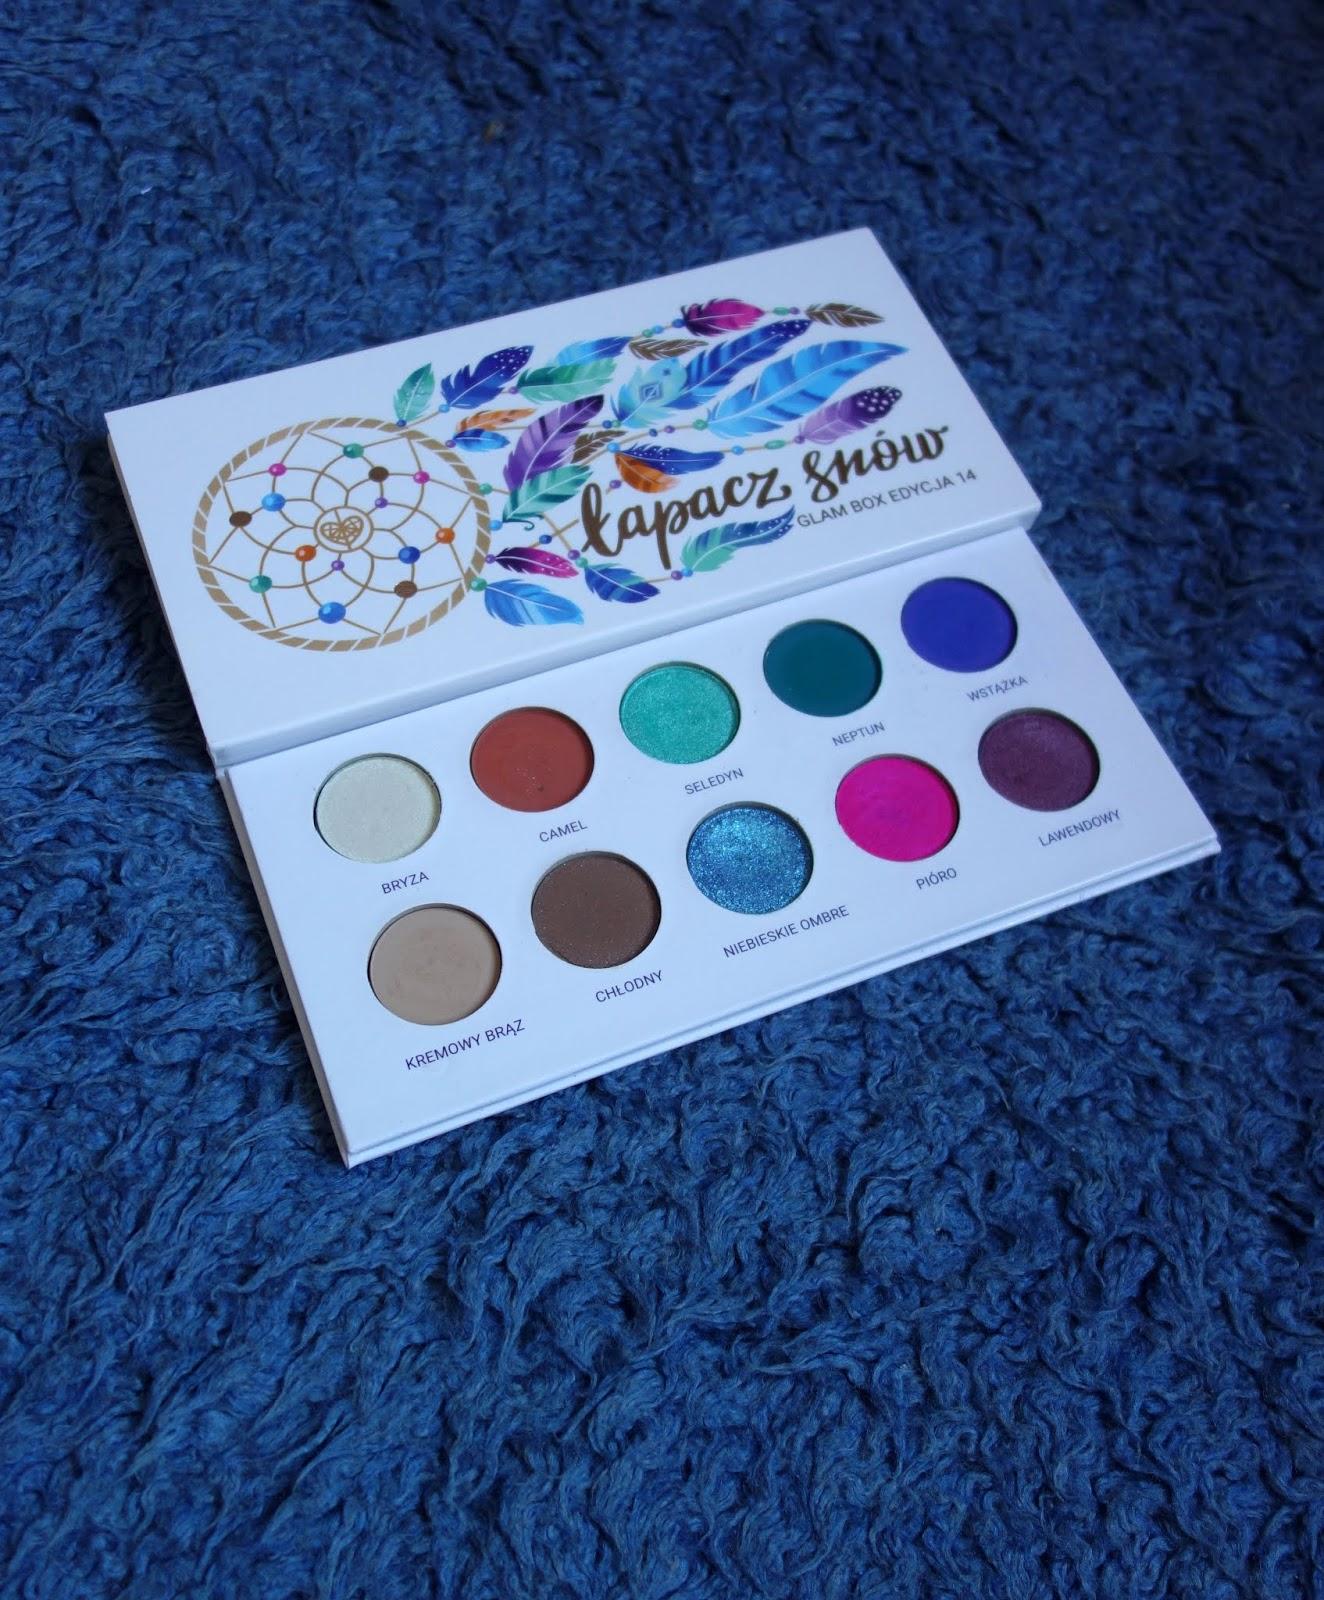 Paleta Glamshop Łapacz Snów | Glam Box edycja 14